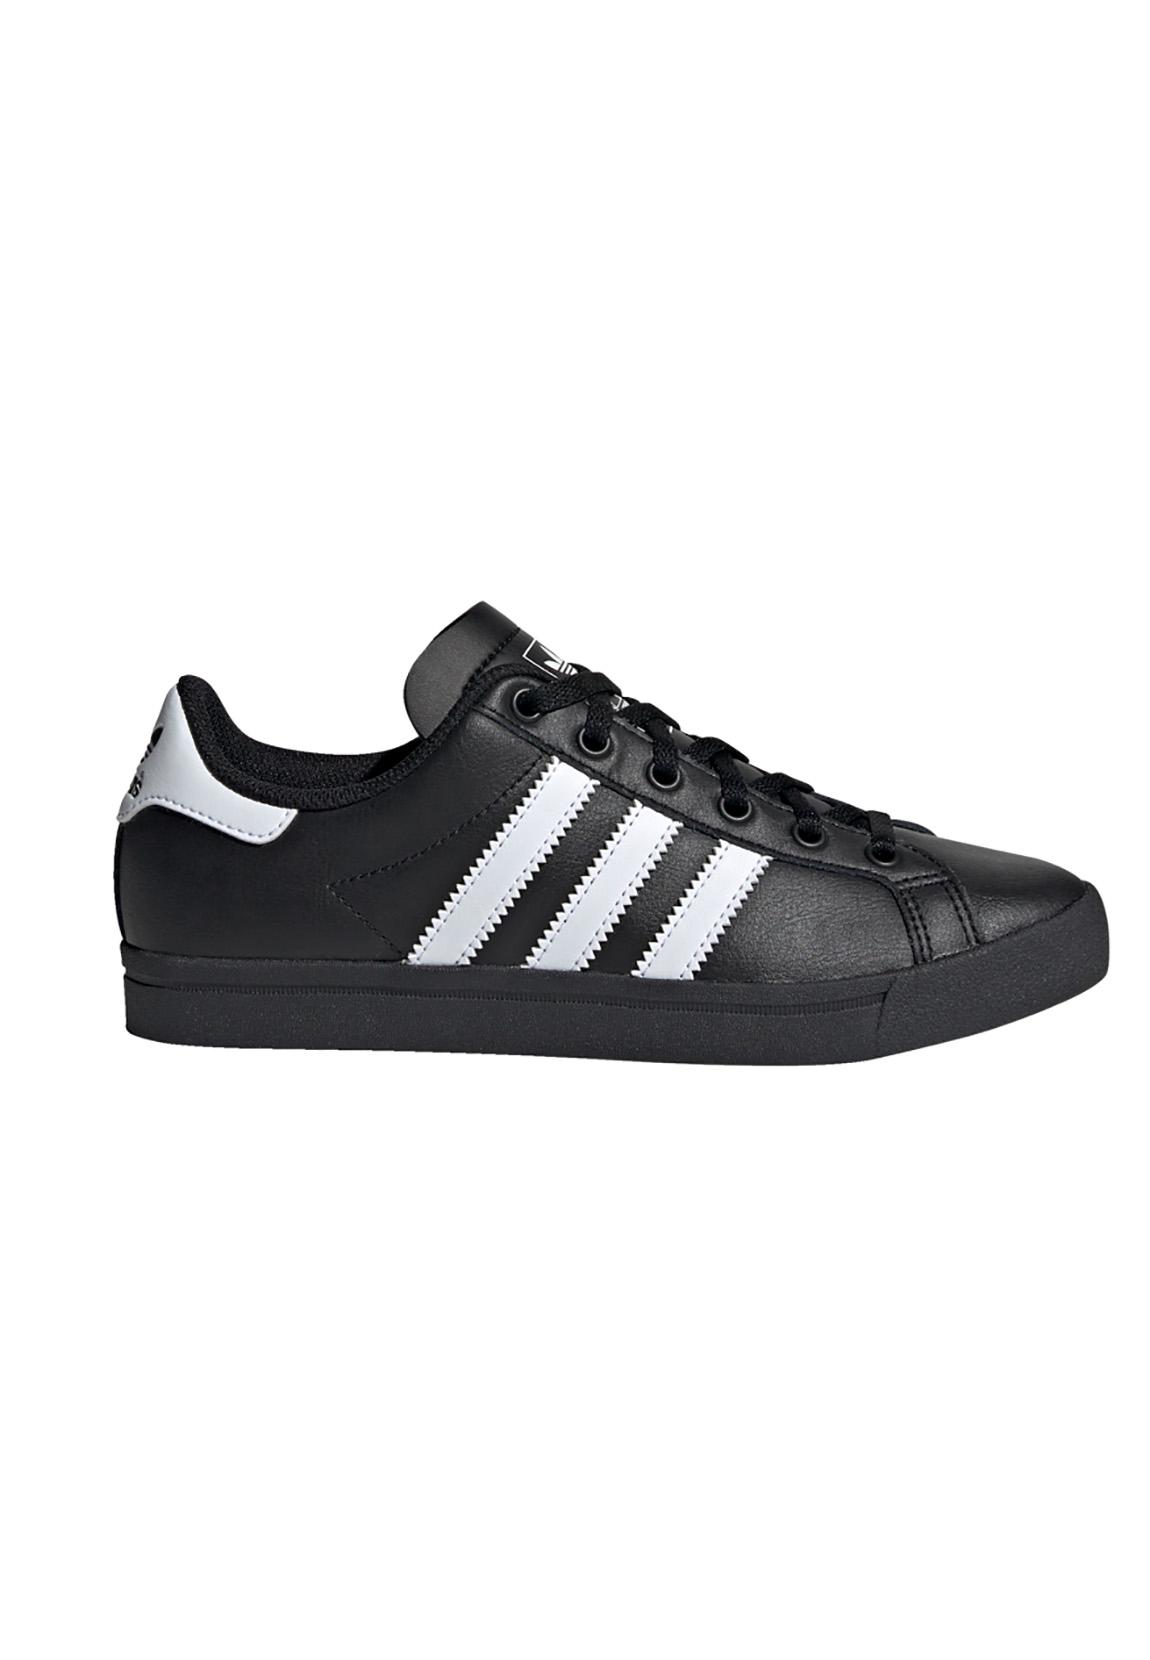 adidas Originals Sneaker Coast Star EE9698 Weiß Schwarz